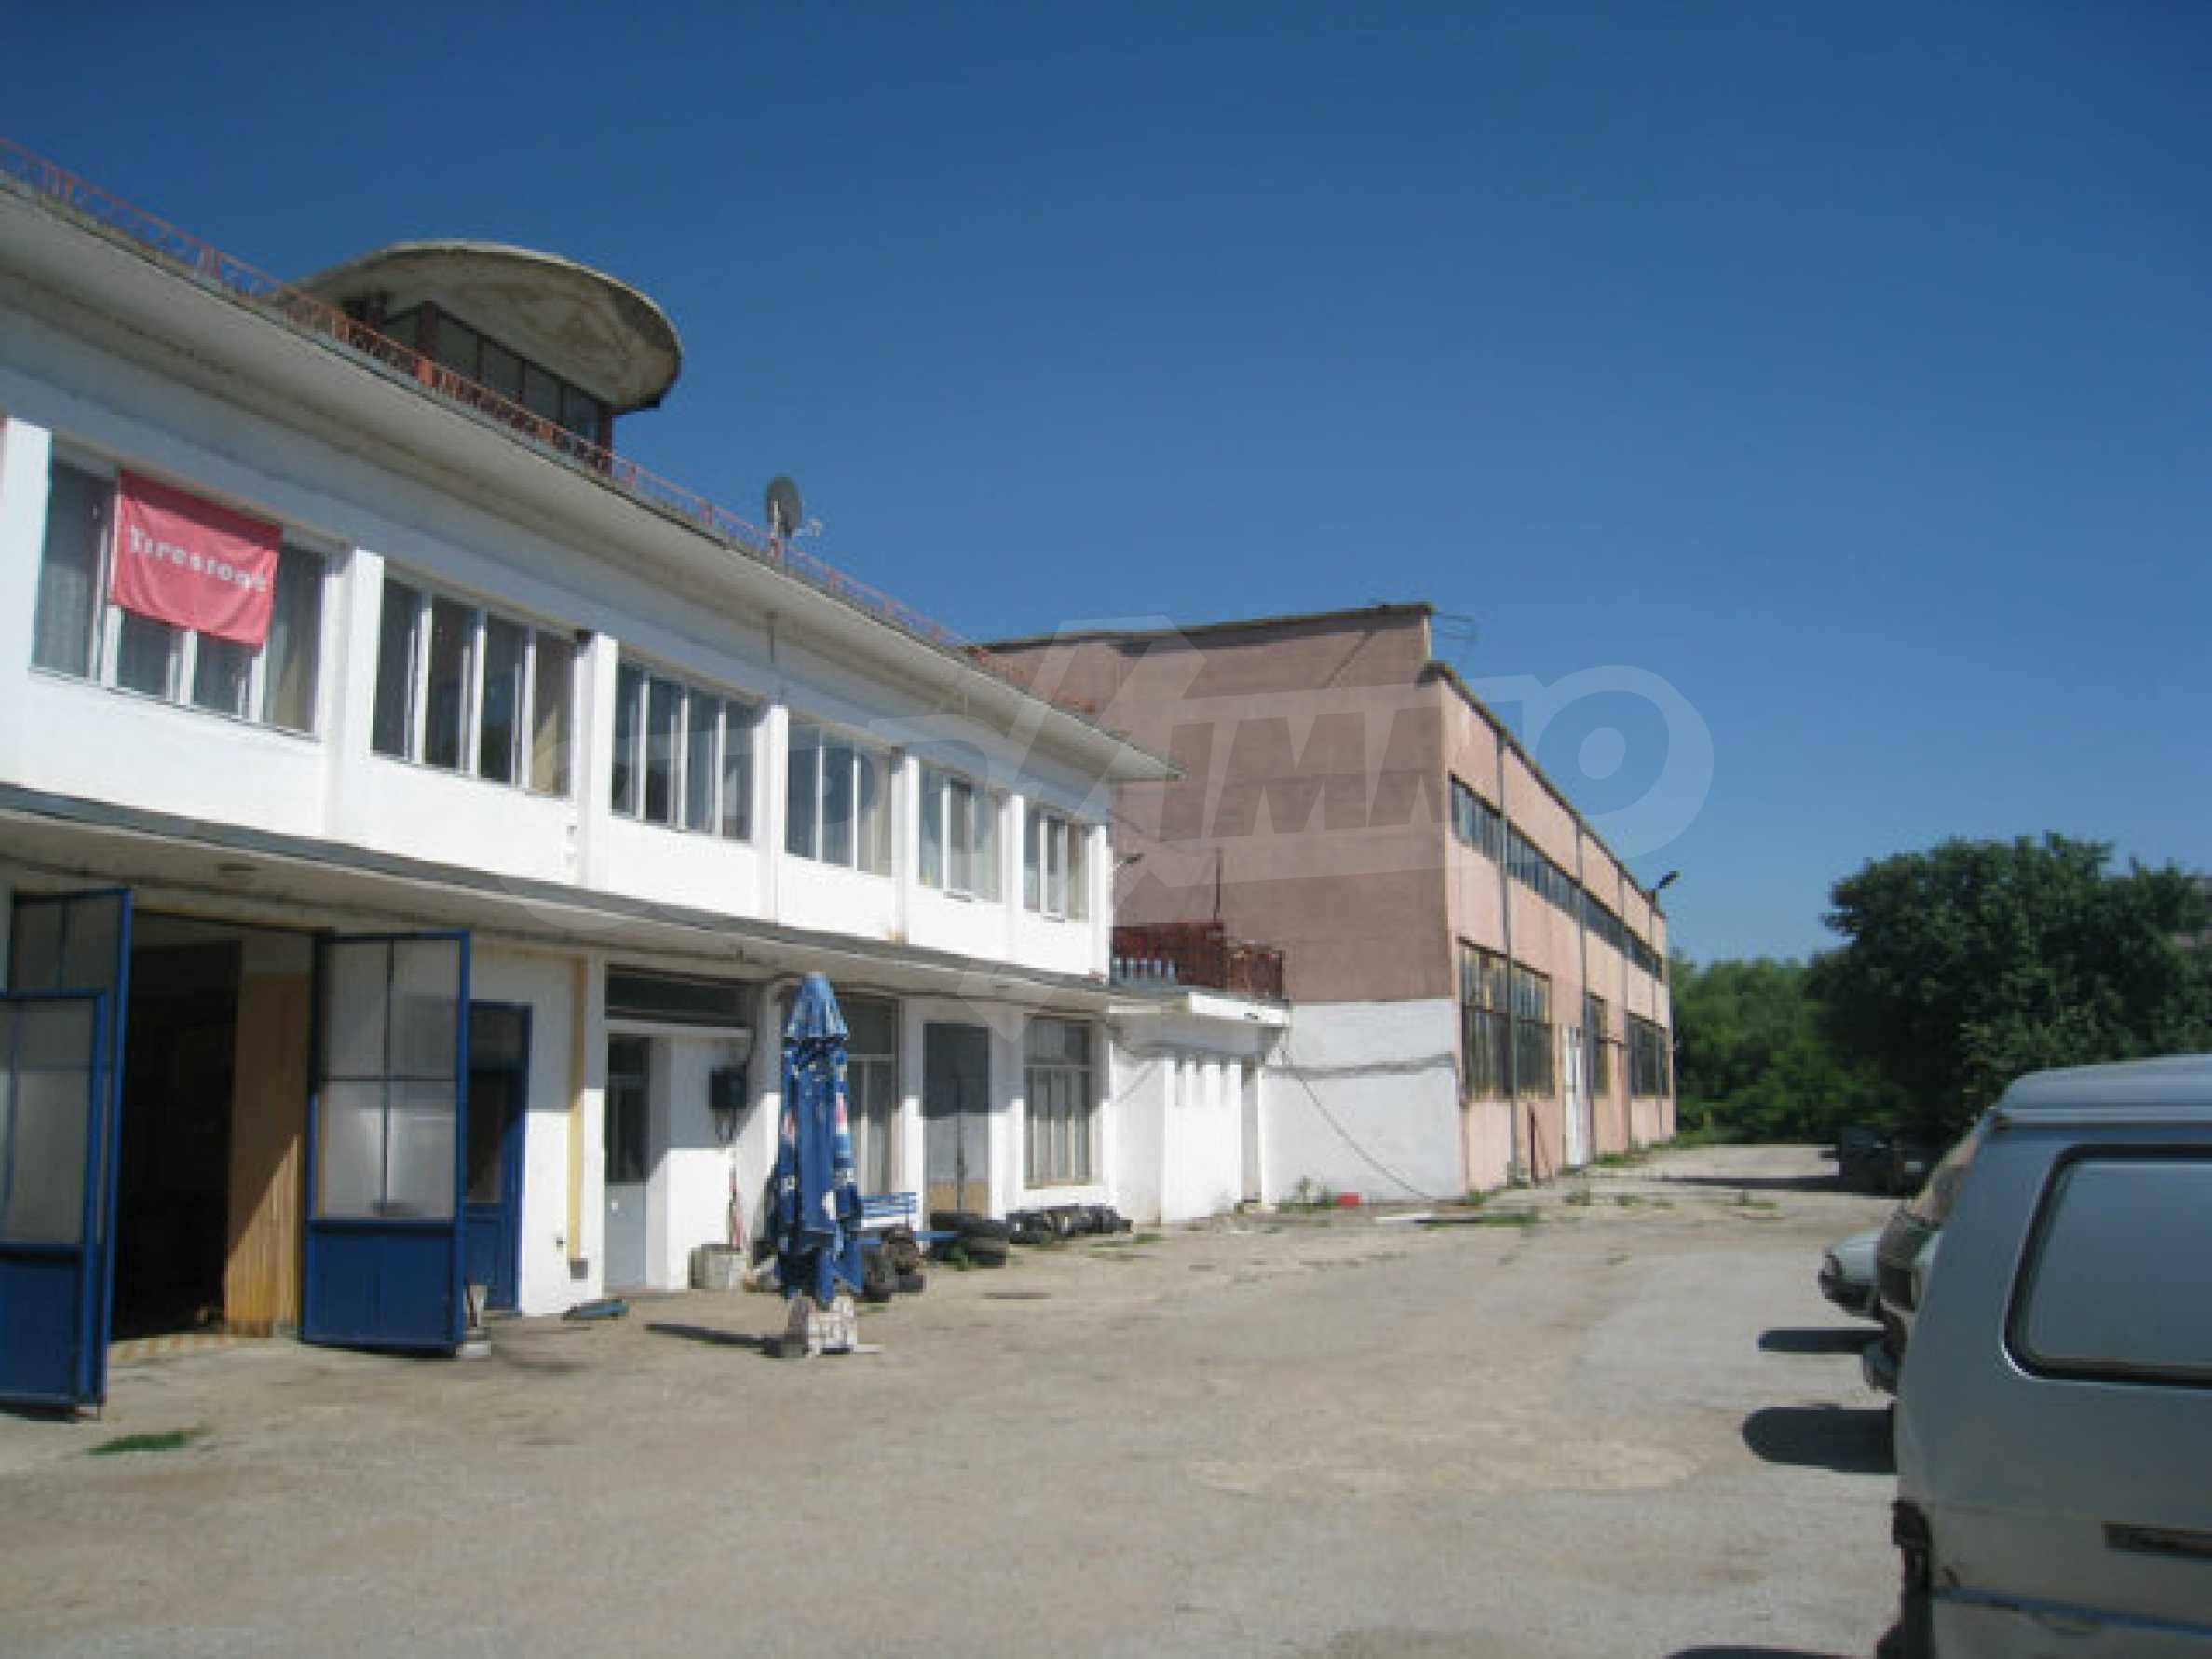 Produktionsgebäude mit Dienstleistungs- und Verwaltungsgebäude in der Nähe von Monatan 2